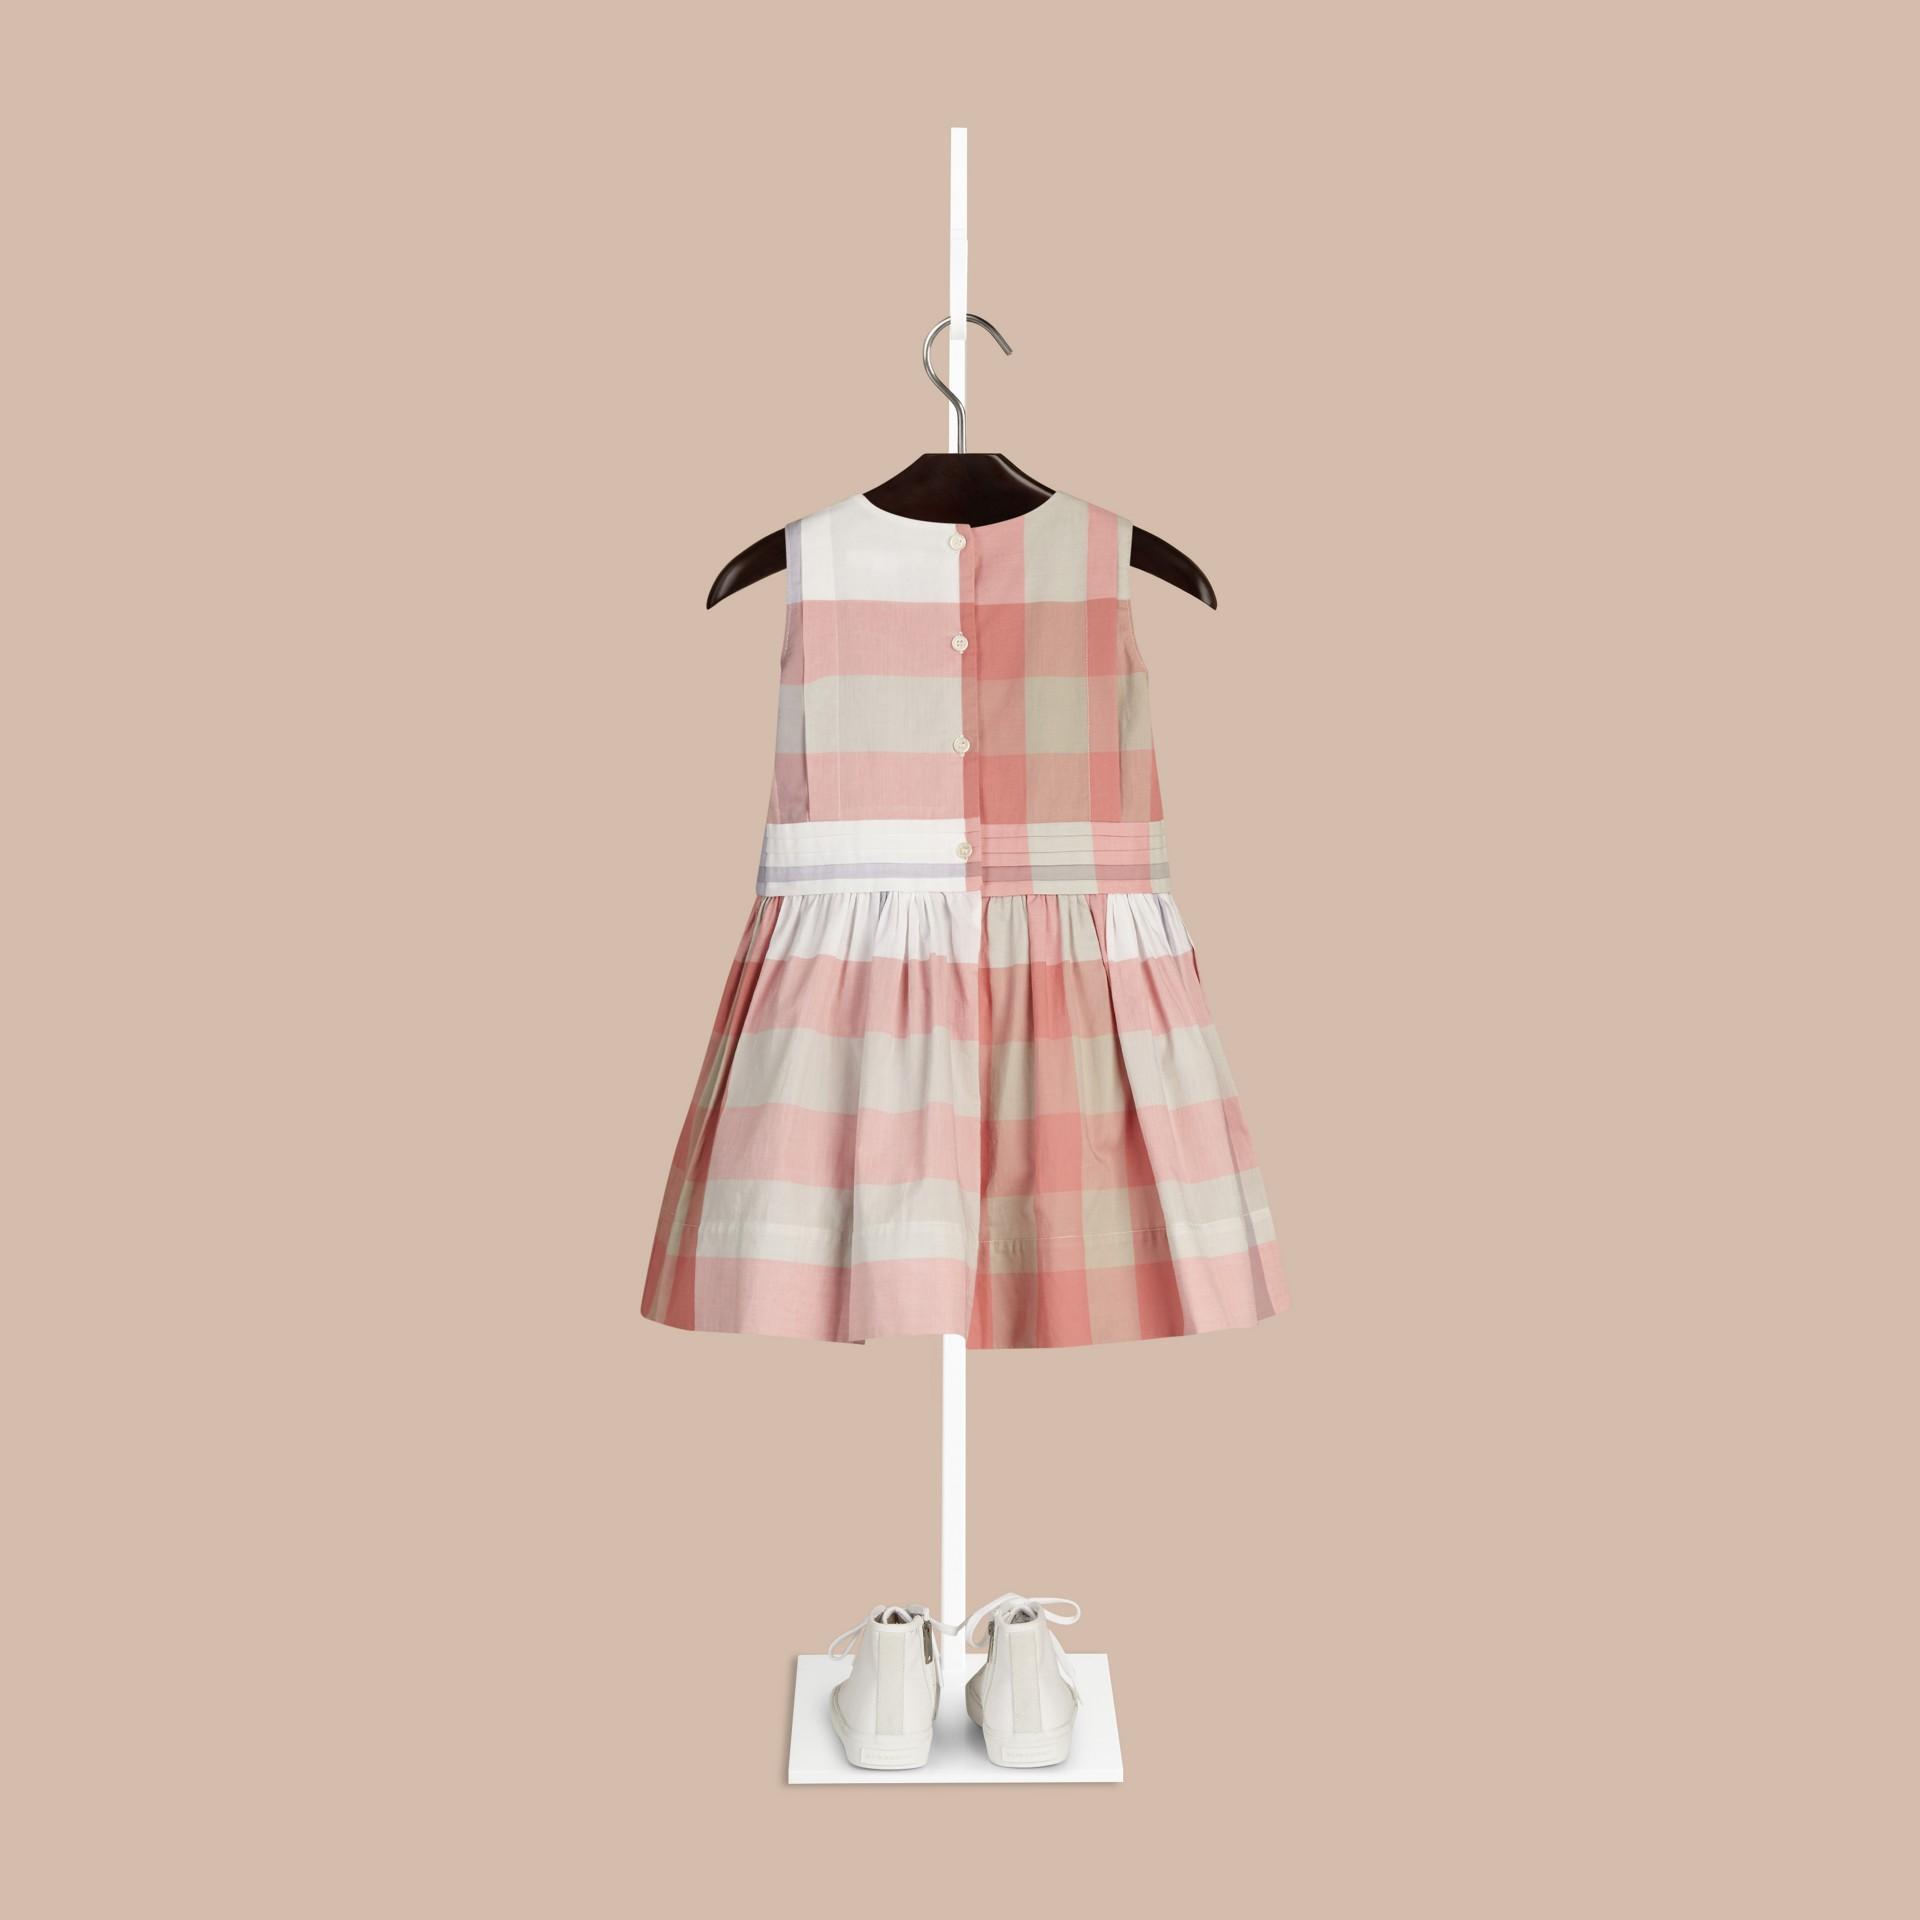 Светлый медно-розовый Платье без рукавов в клетку Светлый Медно-розовый - изображение 2